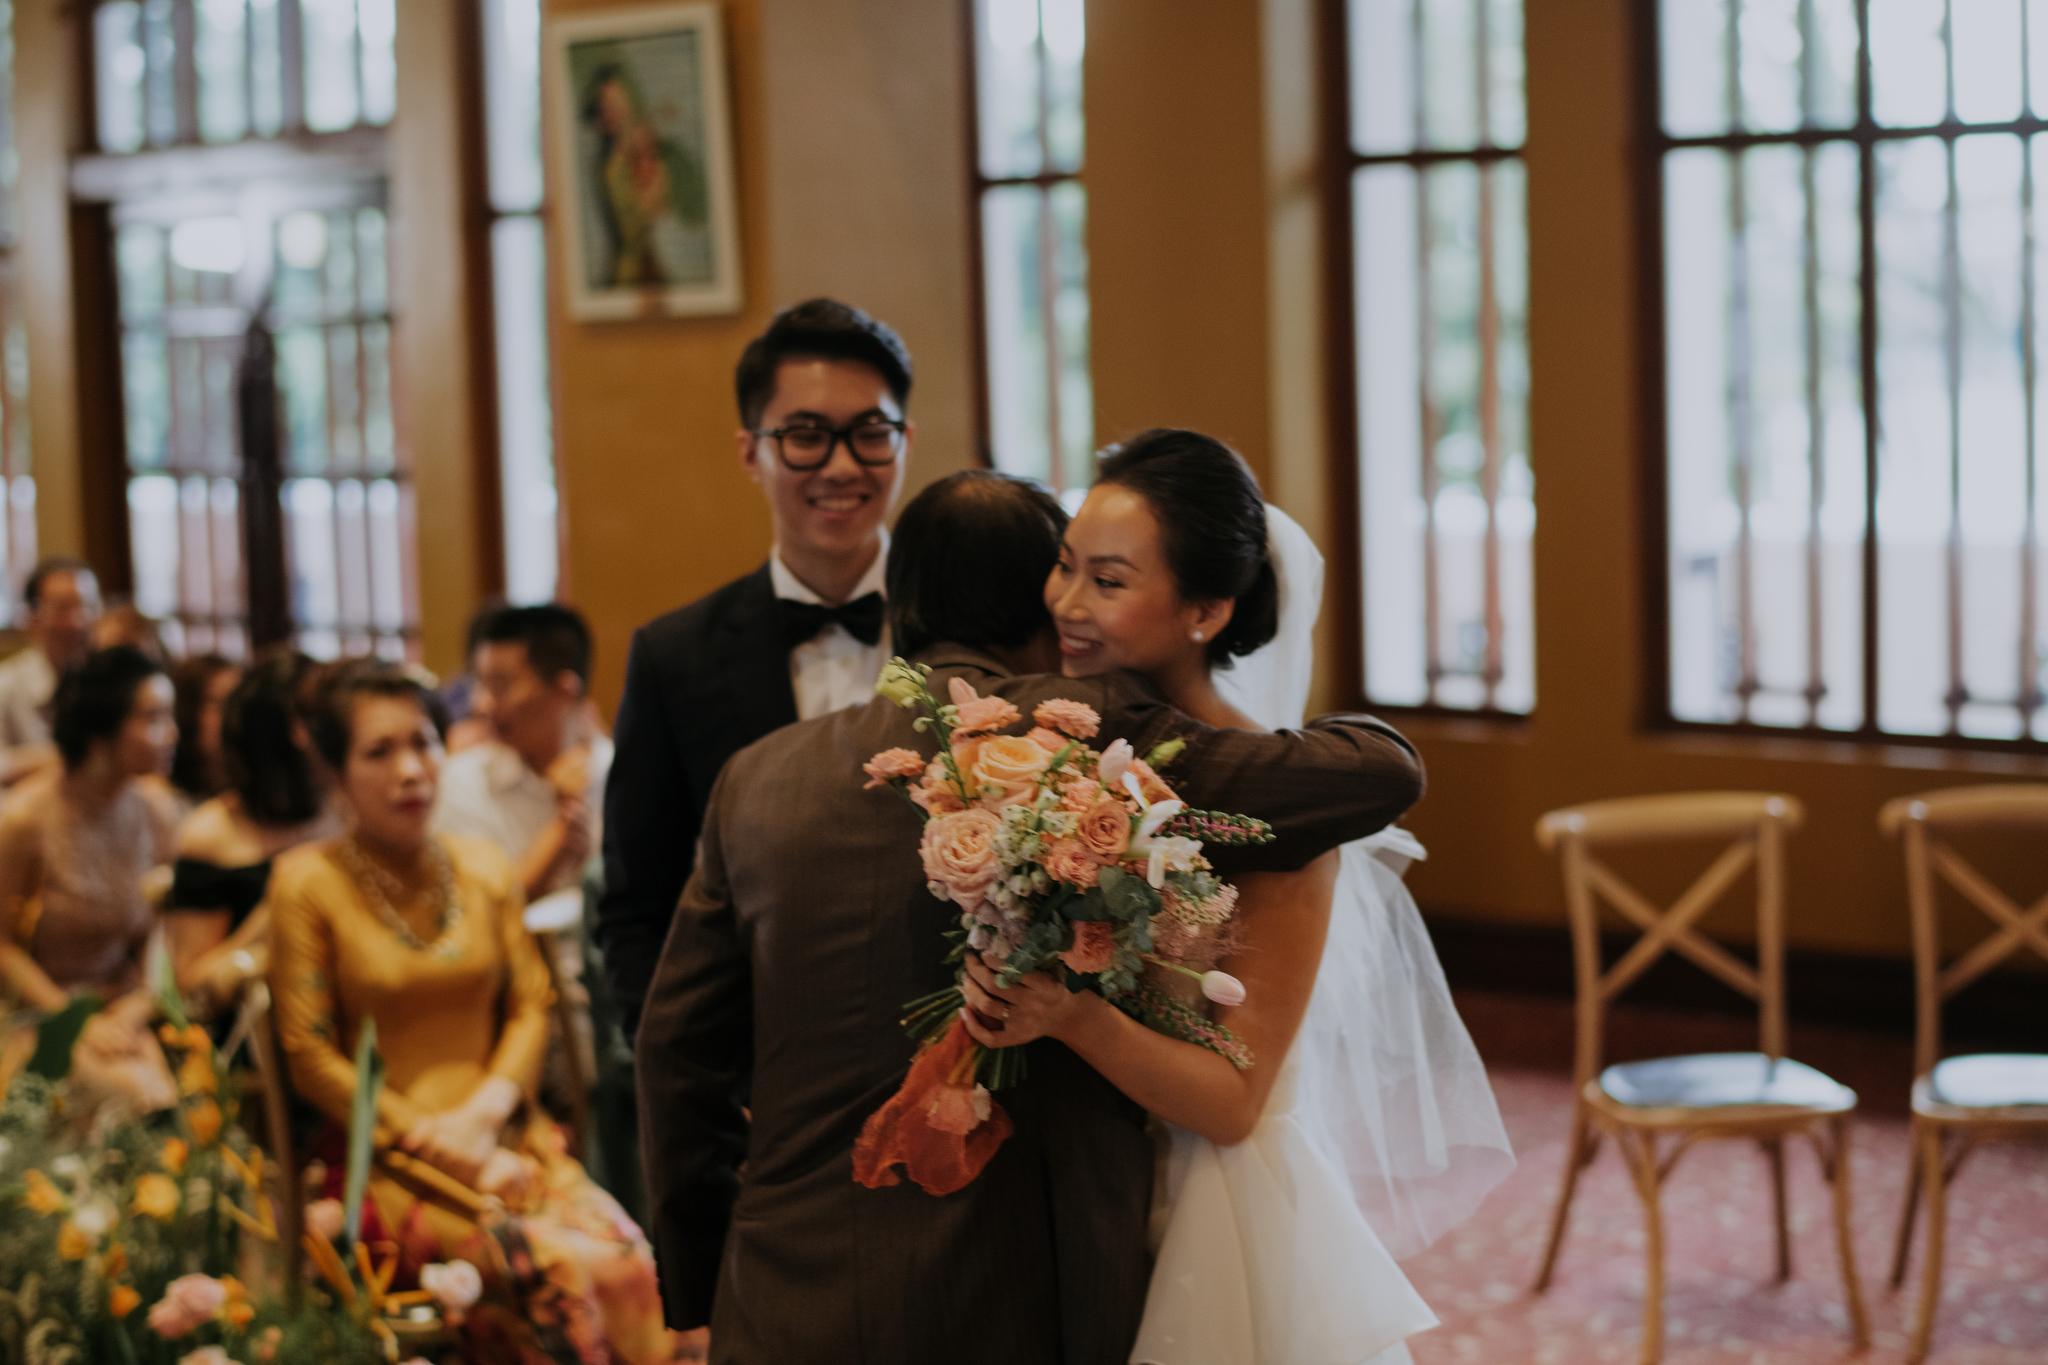 https://huk.s3.amazonaws.com/uploads/image/source/1421/Phuong-Diep-HN-Ceremony-1-0606.JPG